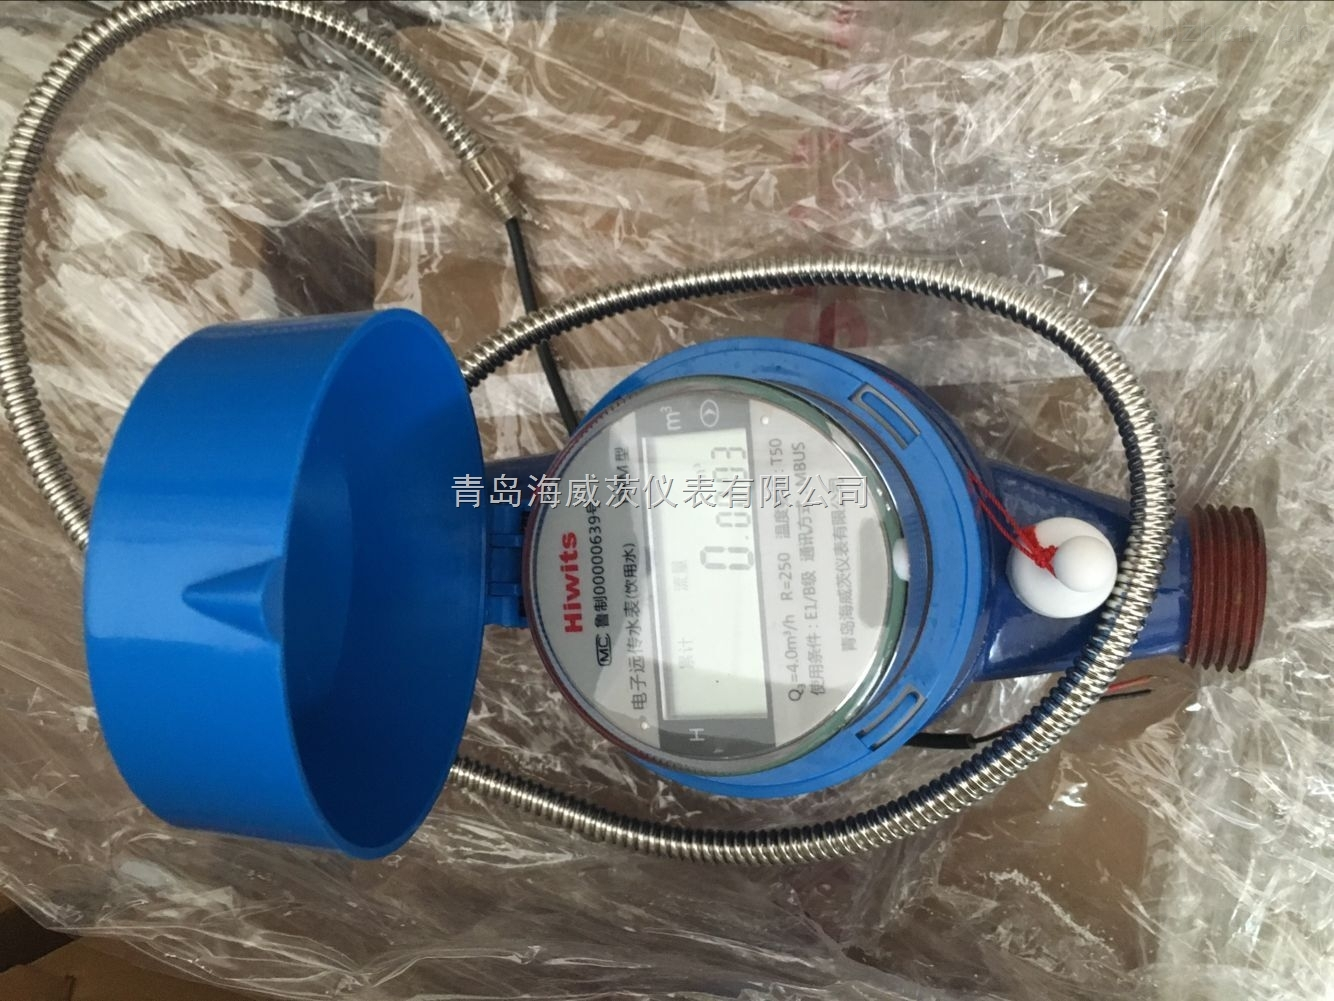 海威茨-朔州數字式家用智能水表廠家 電子遠傳水表價格 滴水計量